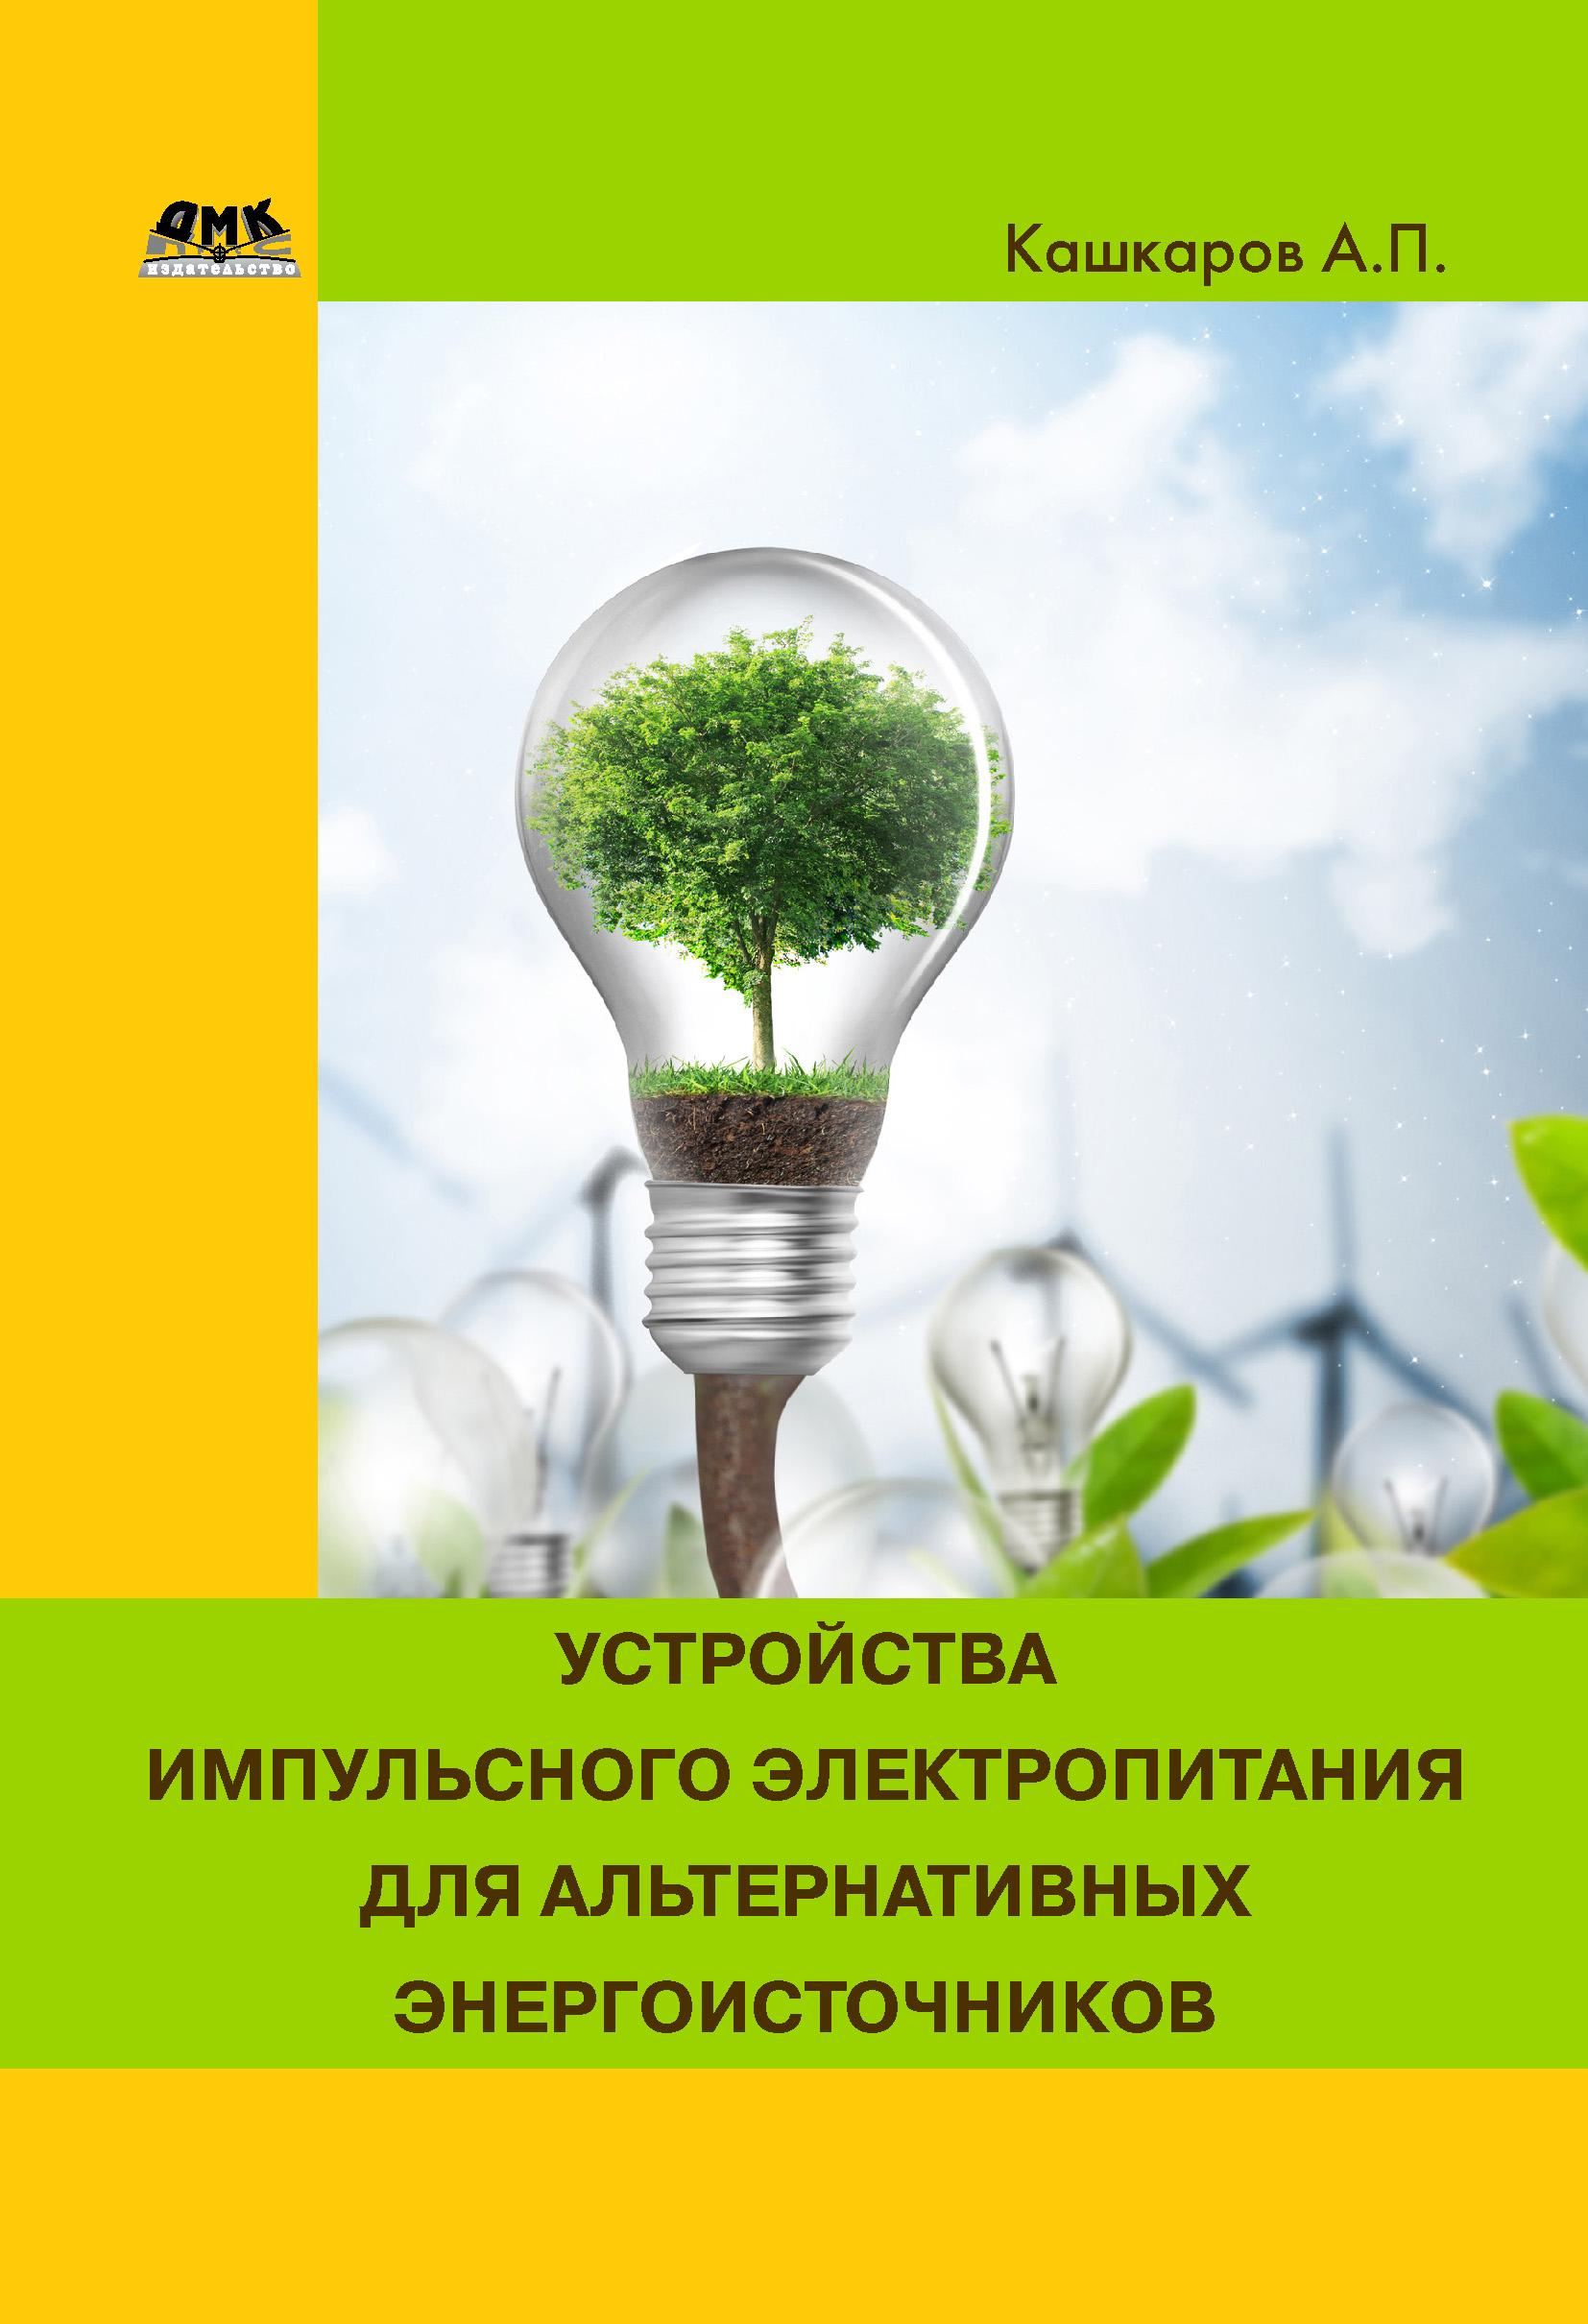 Андрей Кашкаров Устройства импульсного электропитания для альтернативных энергоисточников андрей кашкаров устройства импульсного электропитания для альтернативных энергоисточников